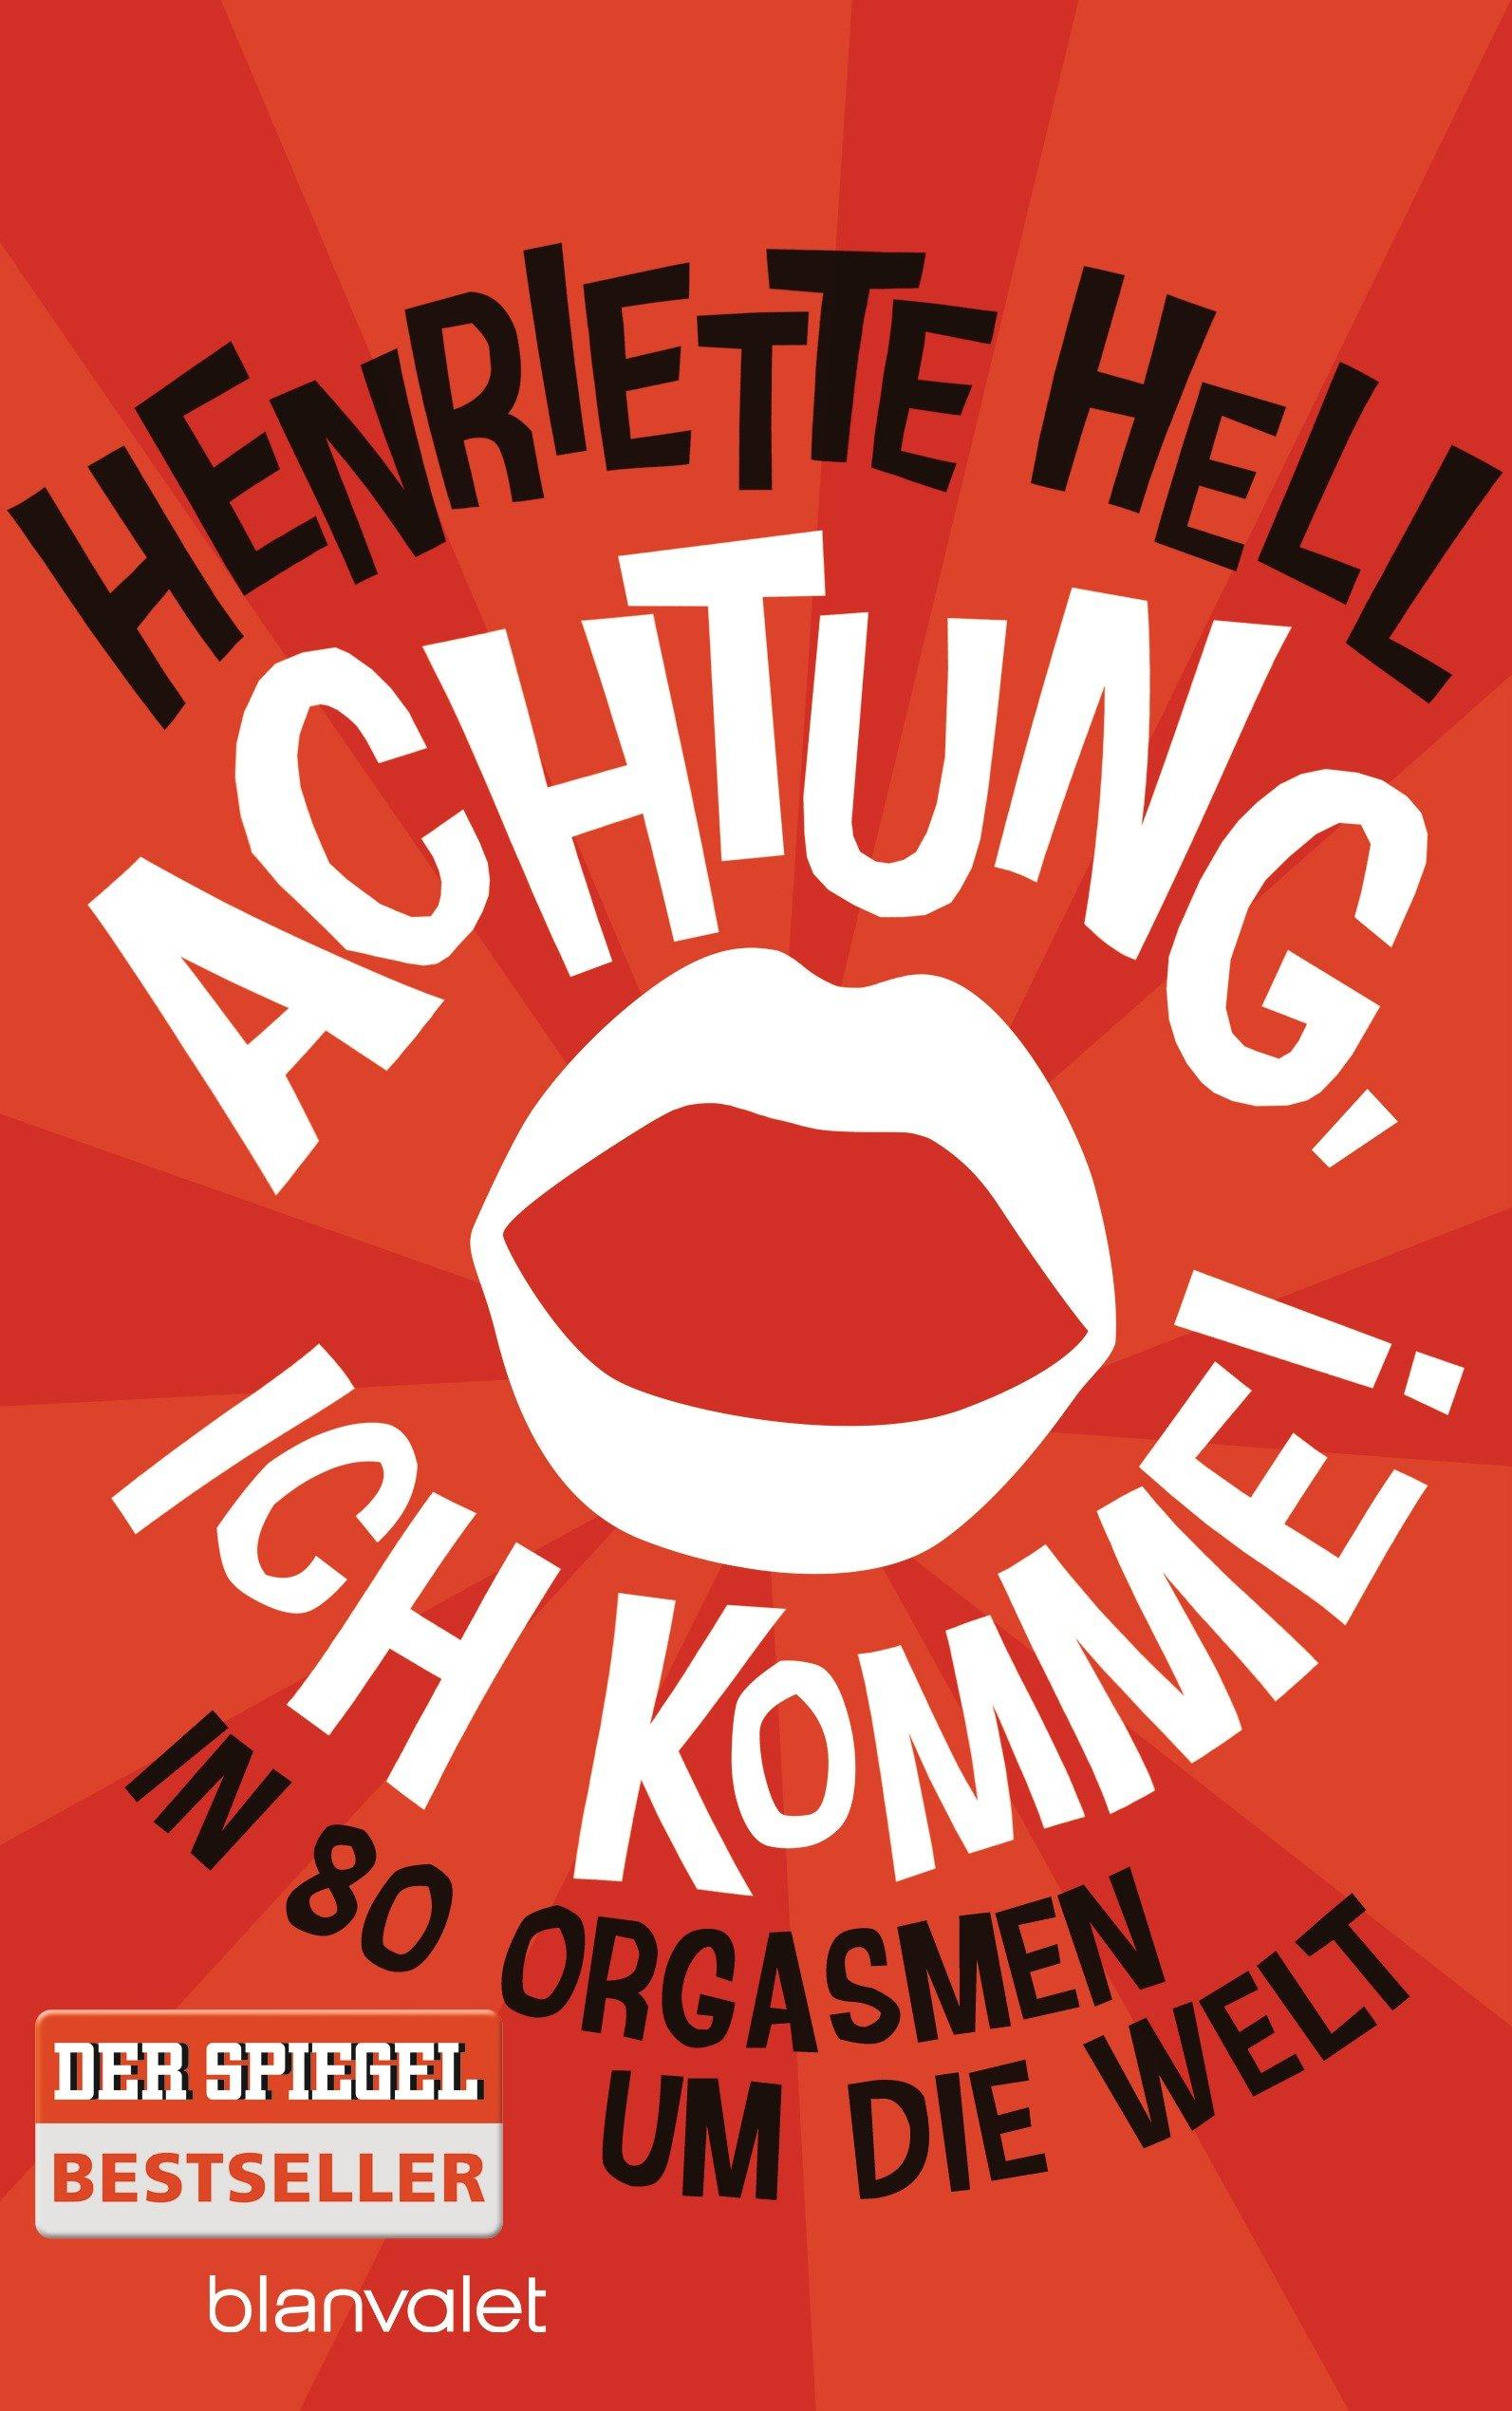 Henriette Hell: Achtung, ich komme! In 80 Orgasmen um die Welt